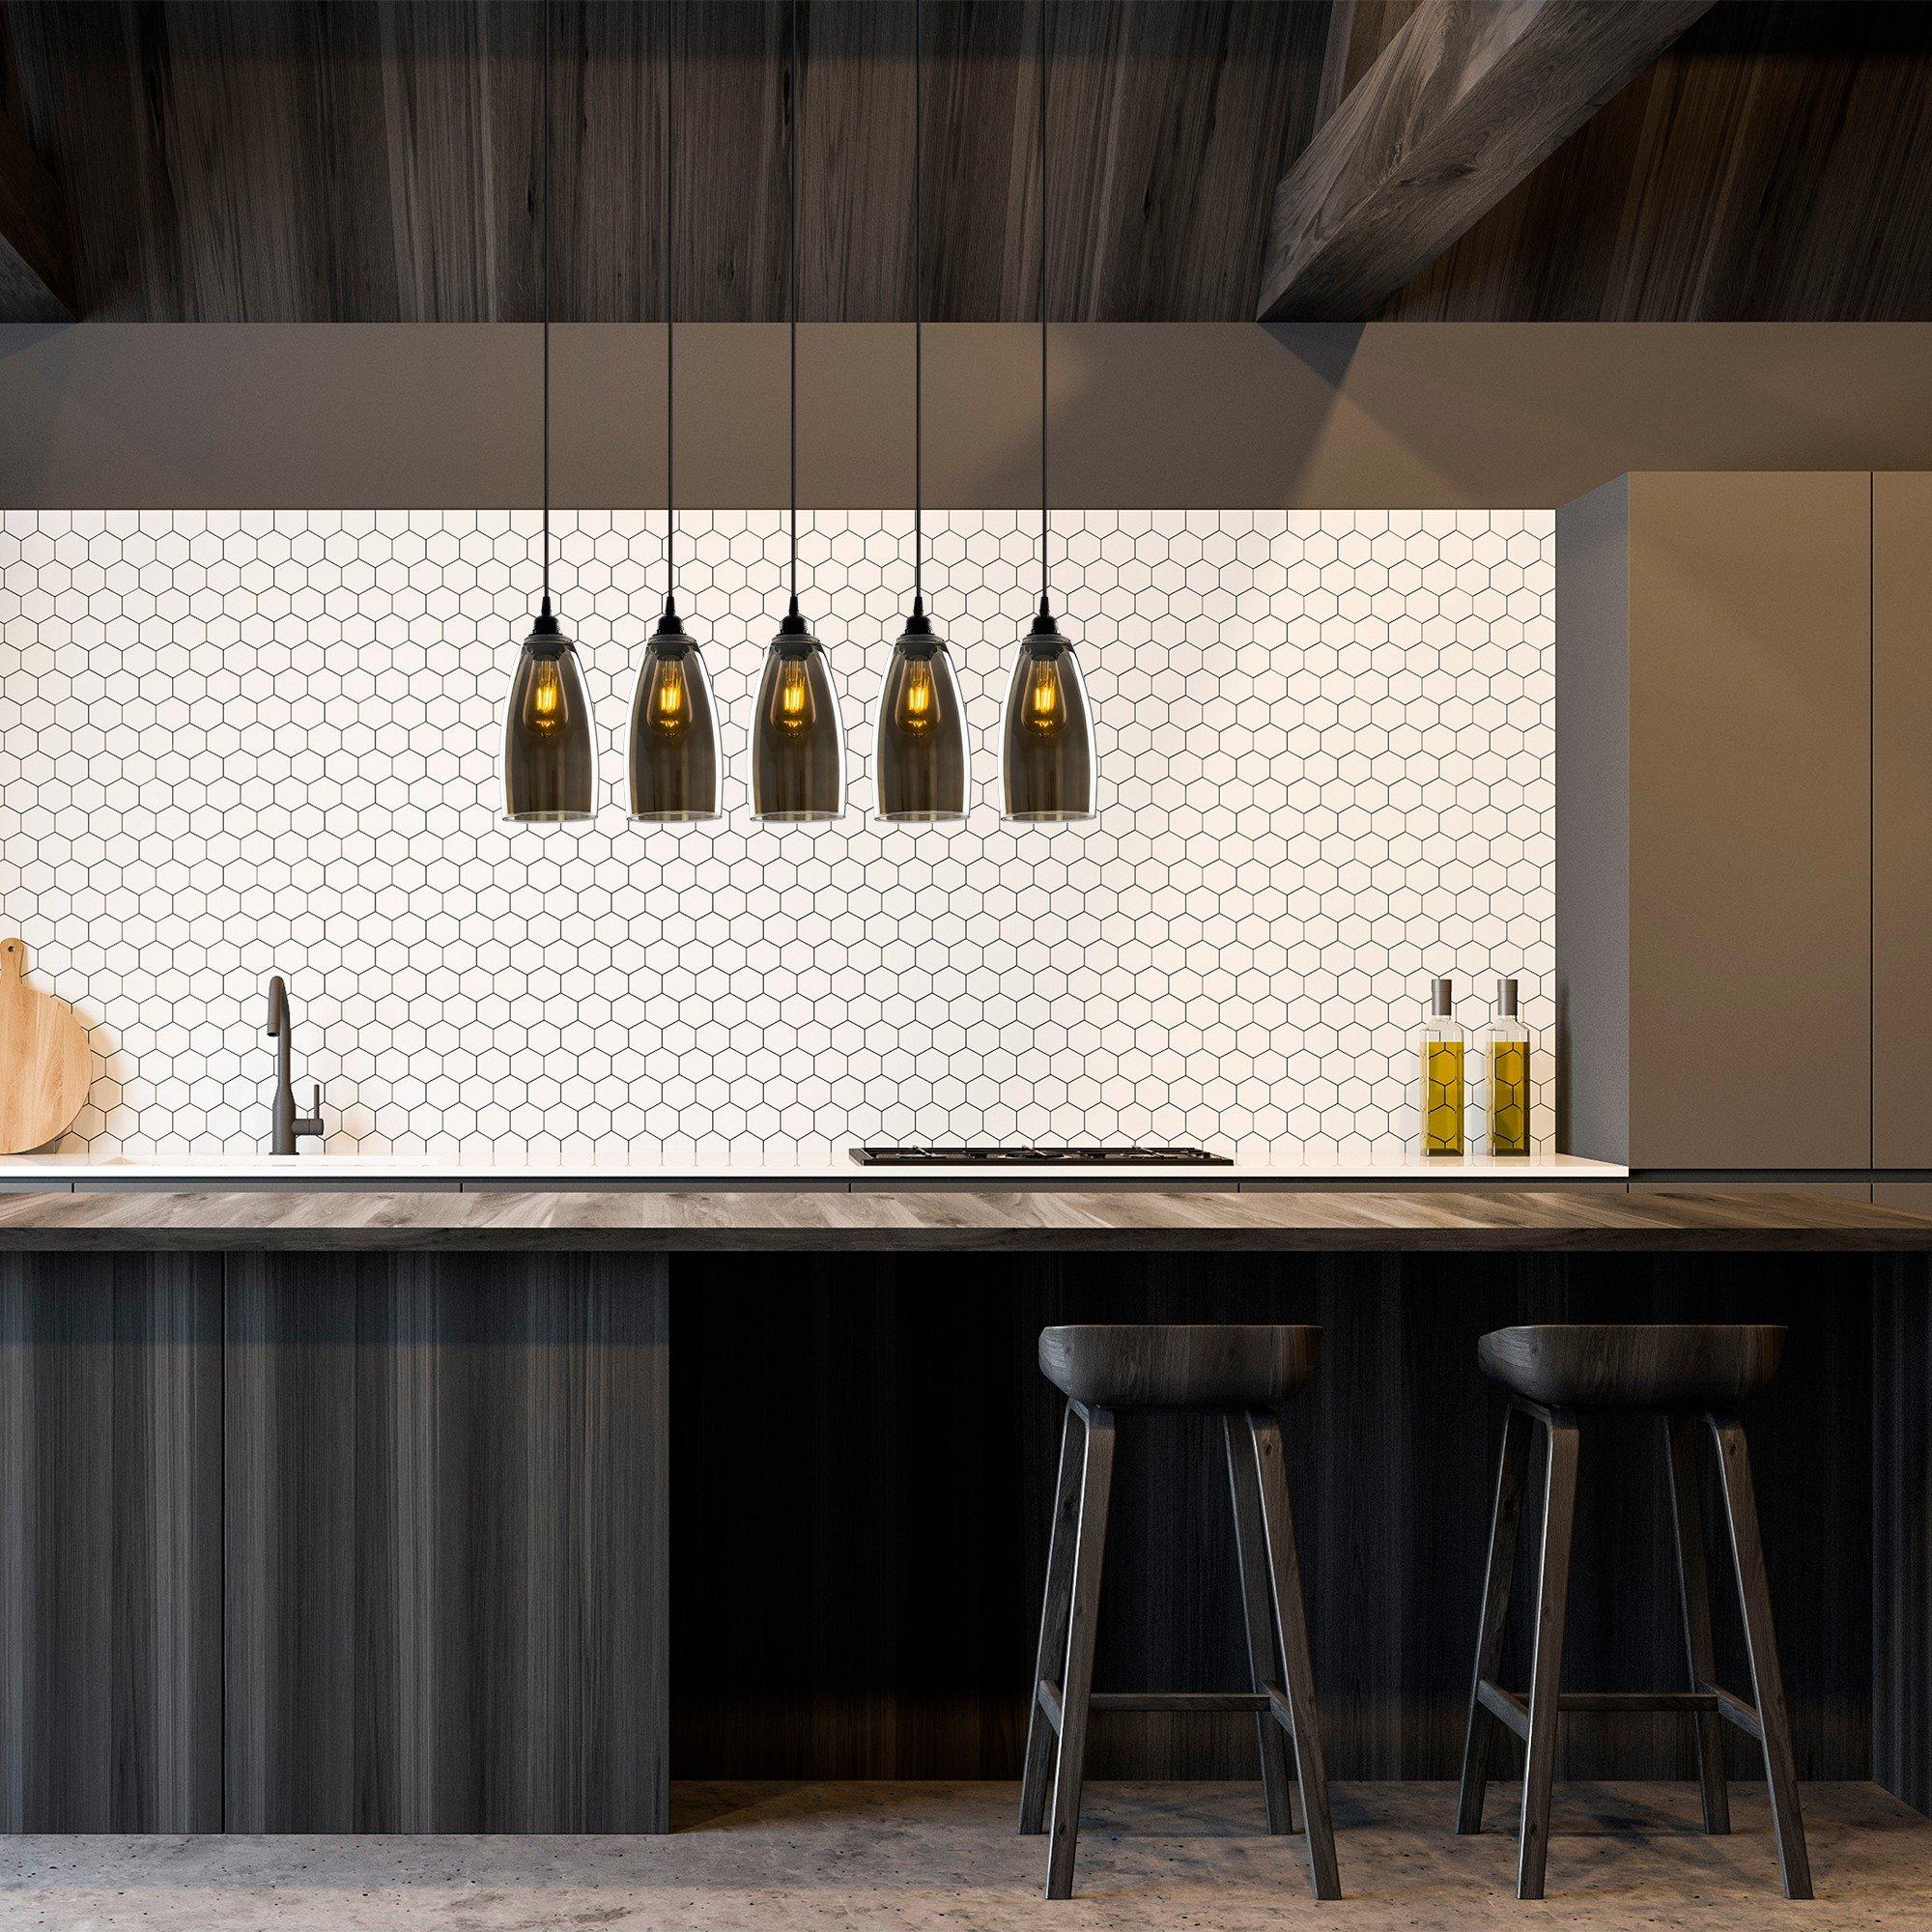 Hanglamp donker glas gerookt glas 5 keer E27 fitting - inrichting